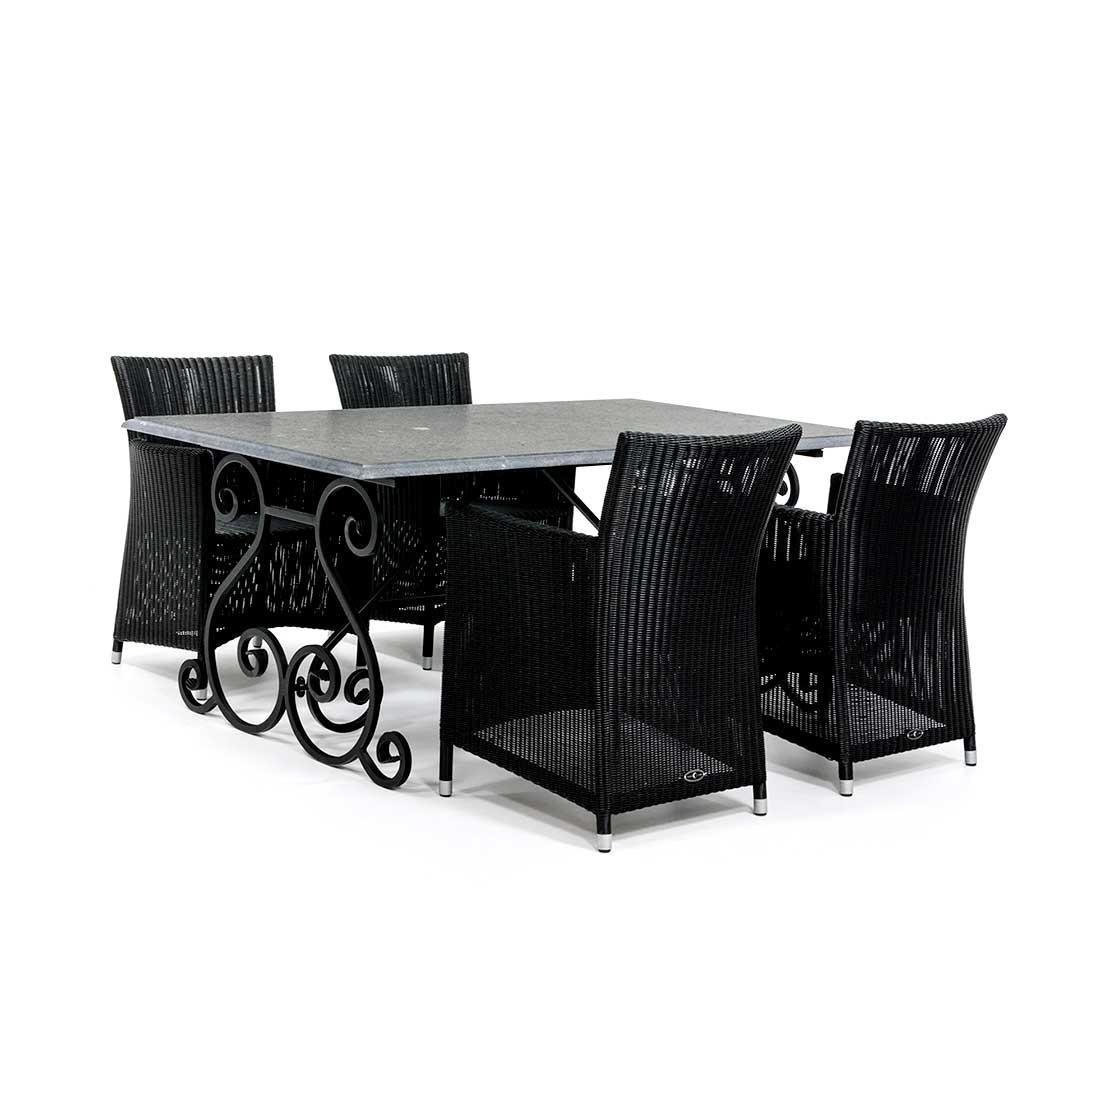 Hardstenen tuintafel met vlechtwerk stoelen